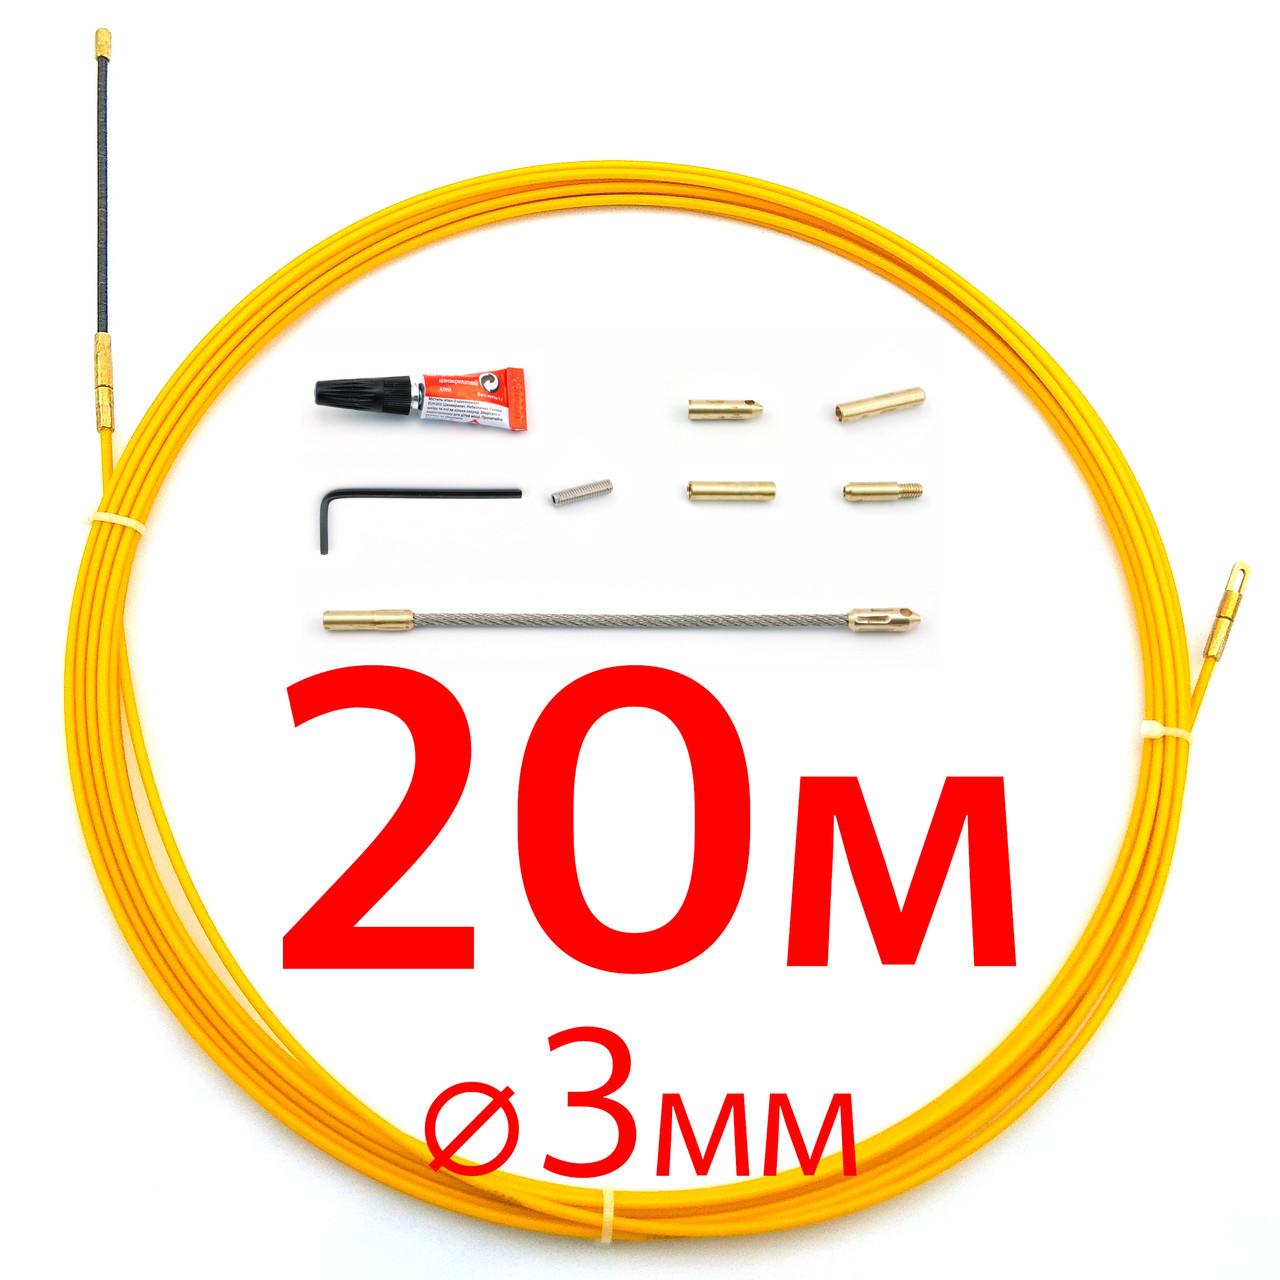 Кабельная протяжка, стеклопруток 3мм х 20м + 7 наконечников